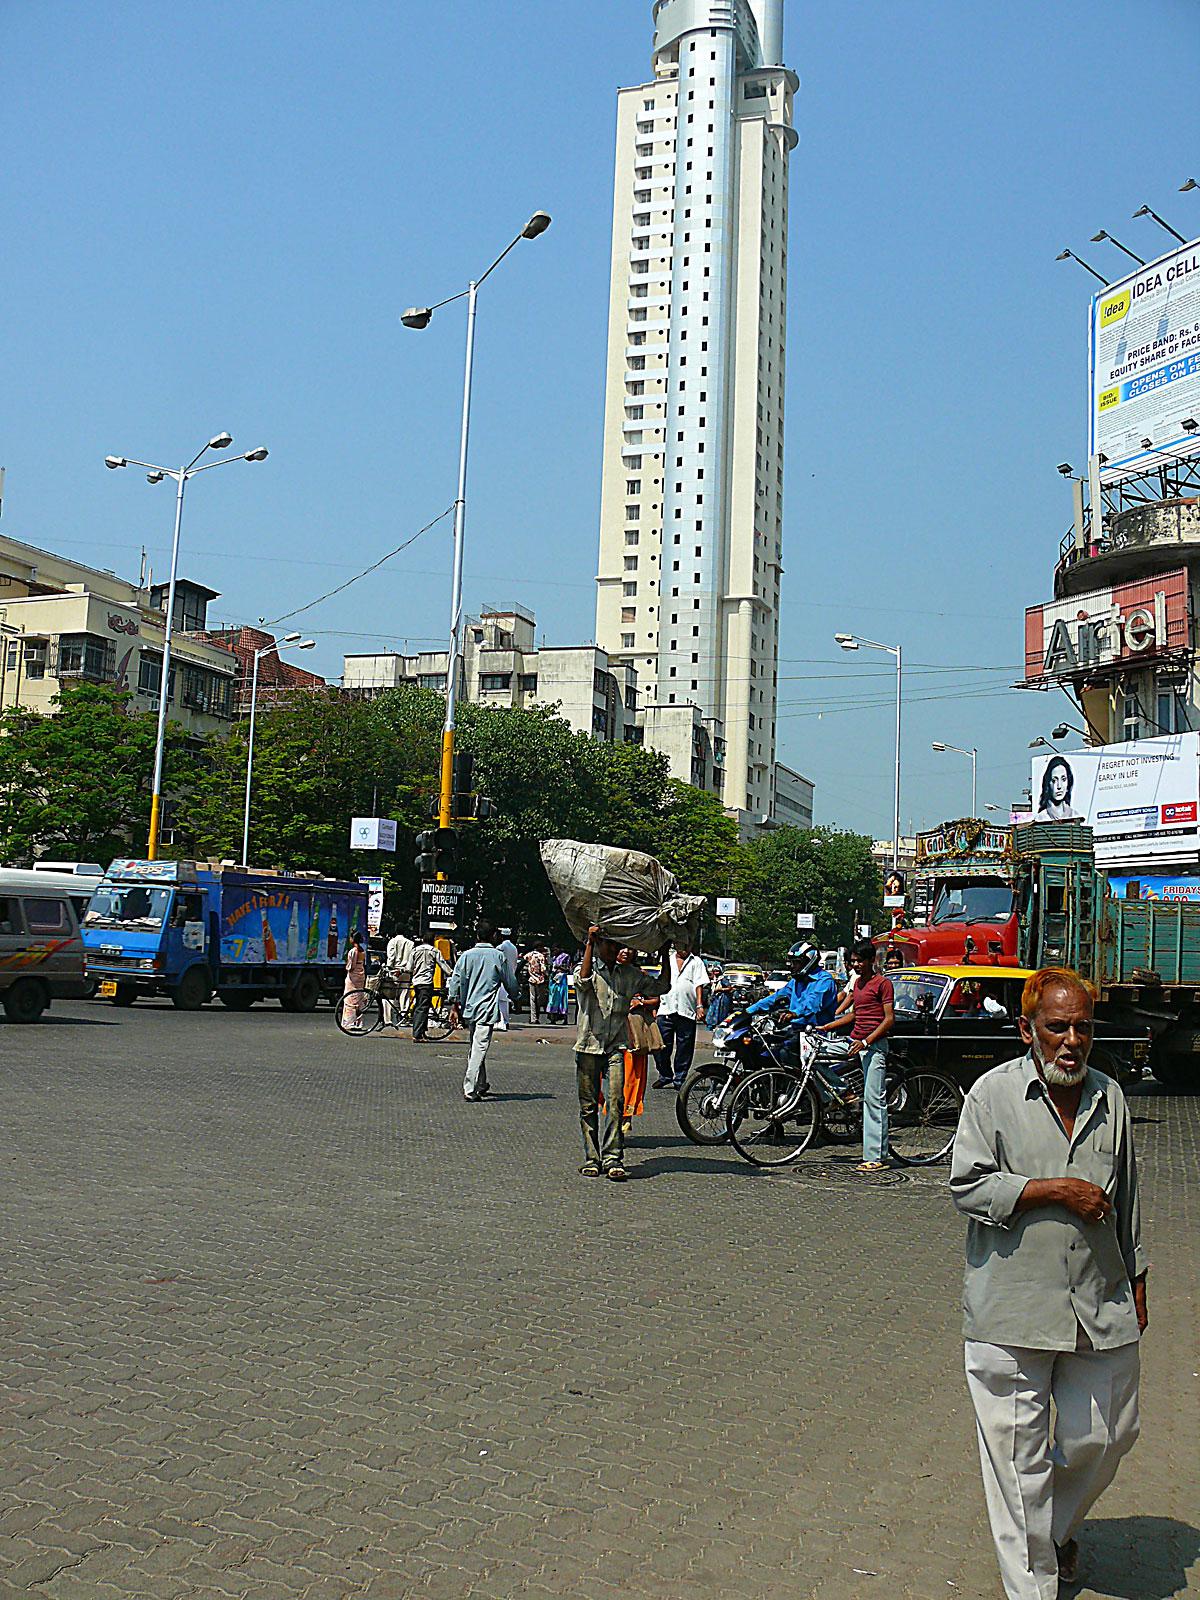 INDIEN MUMBAI Menschen Wohnen FINEST-onTour P1030362.jpg